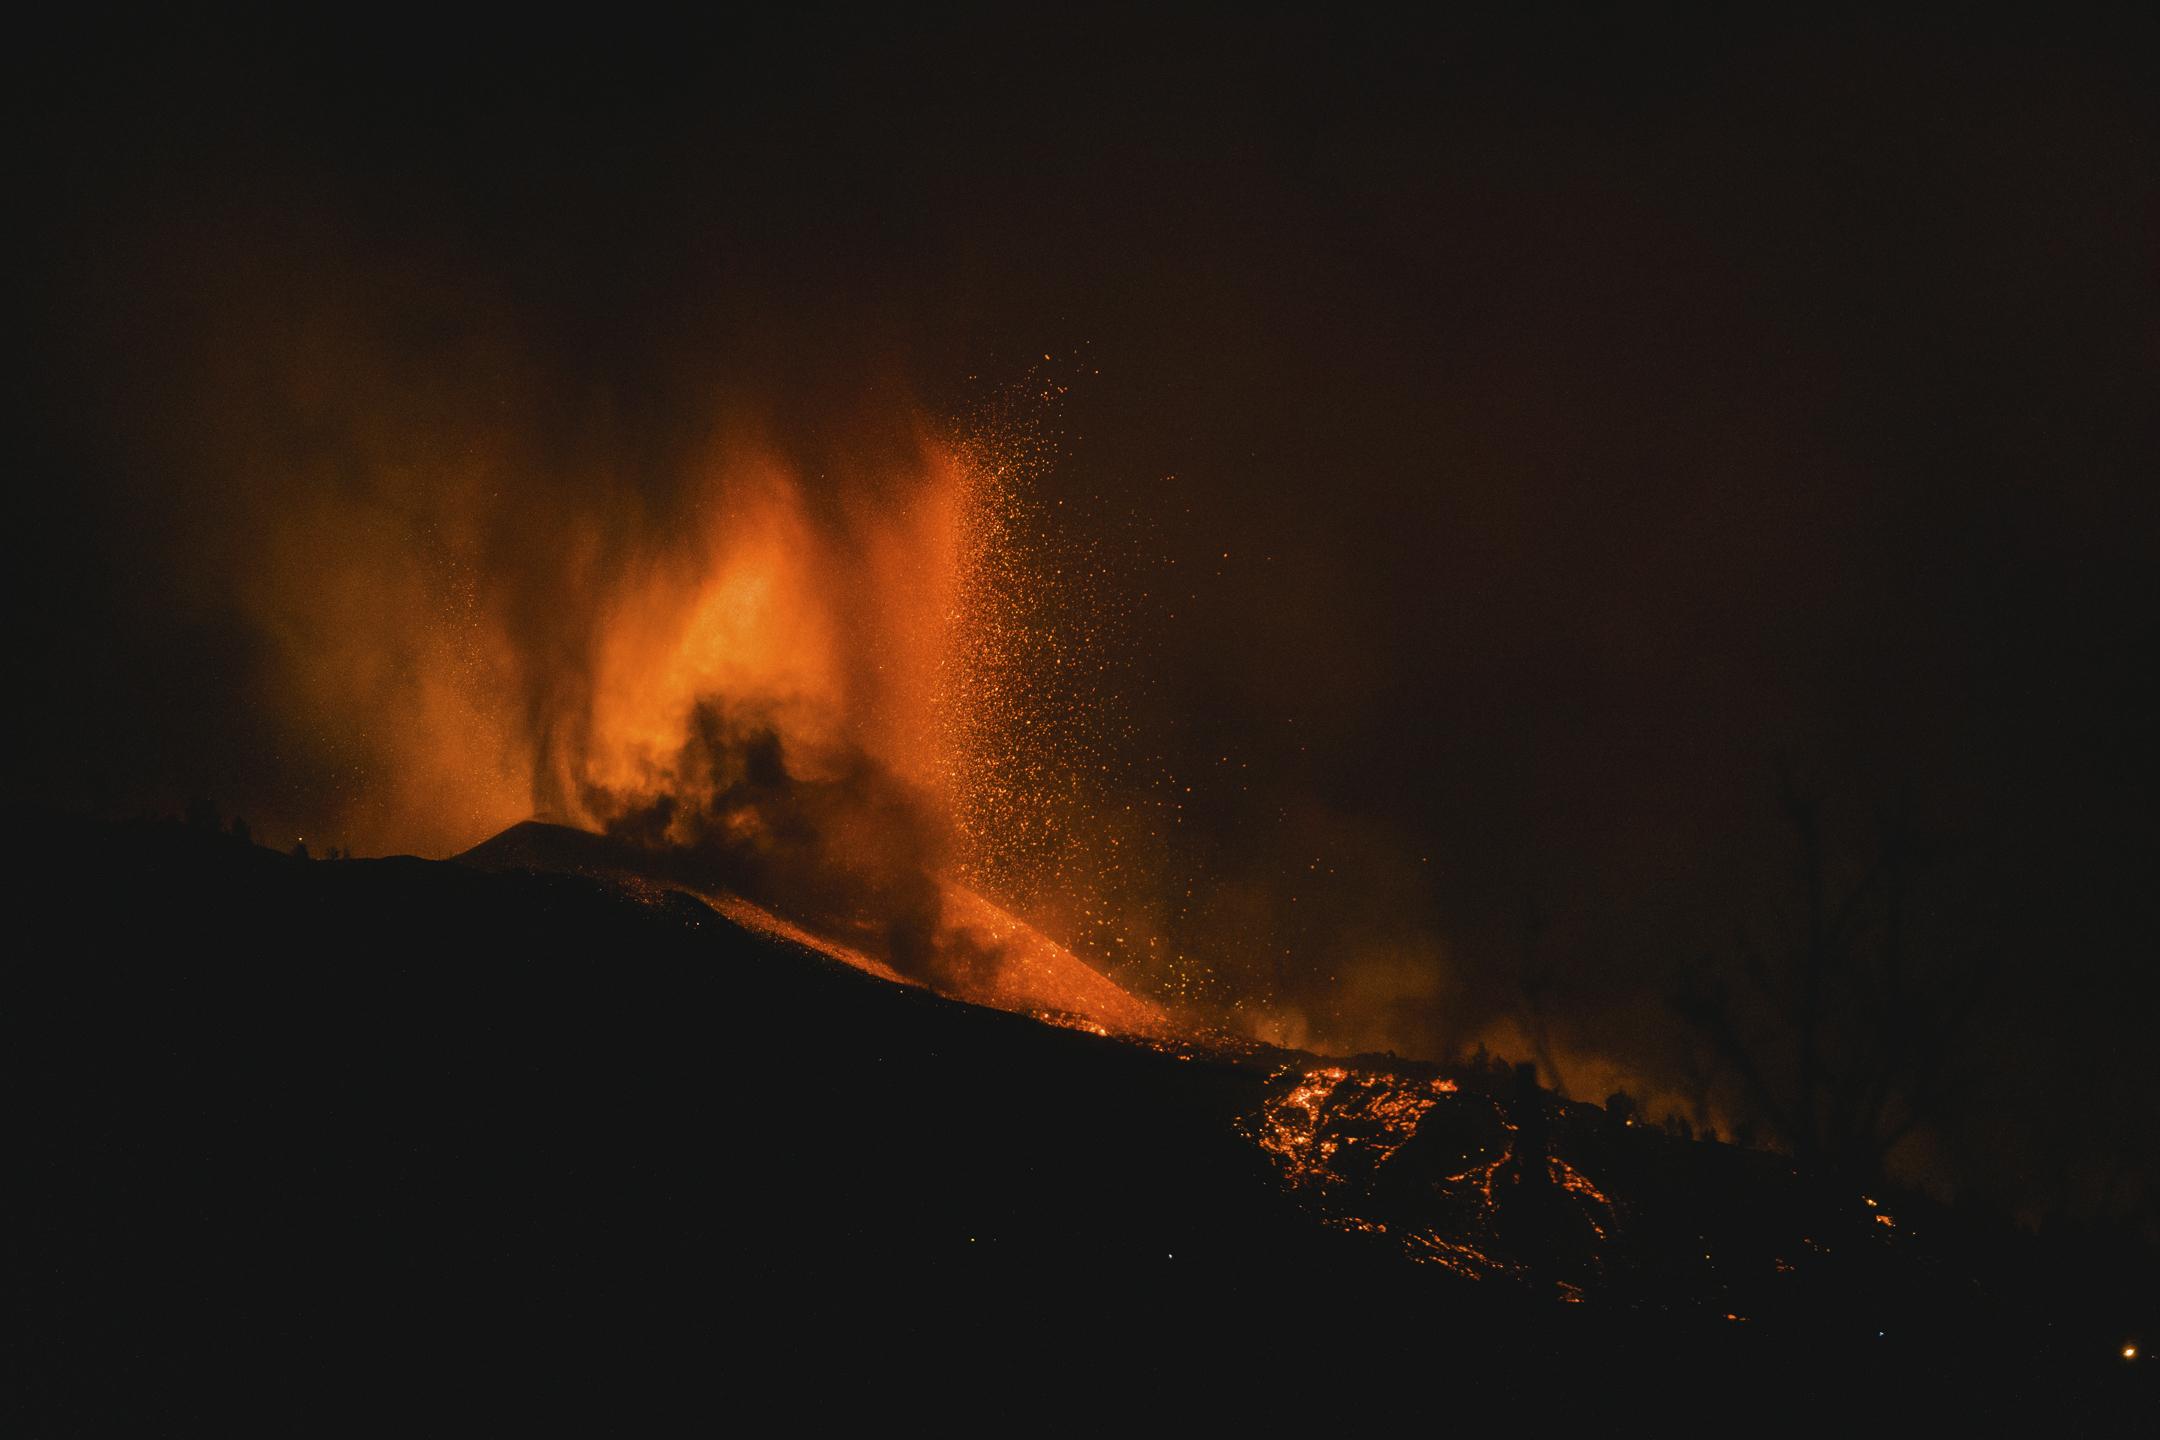 La lava se expande tras la erupción del volcán de Cumbre Vieja en La Palma